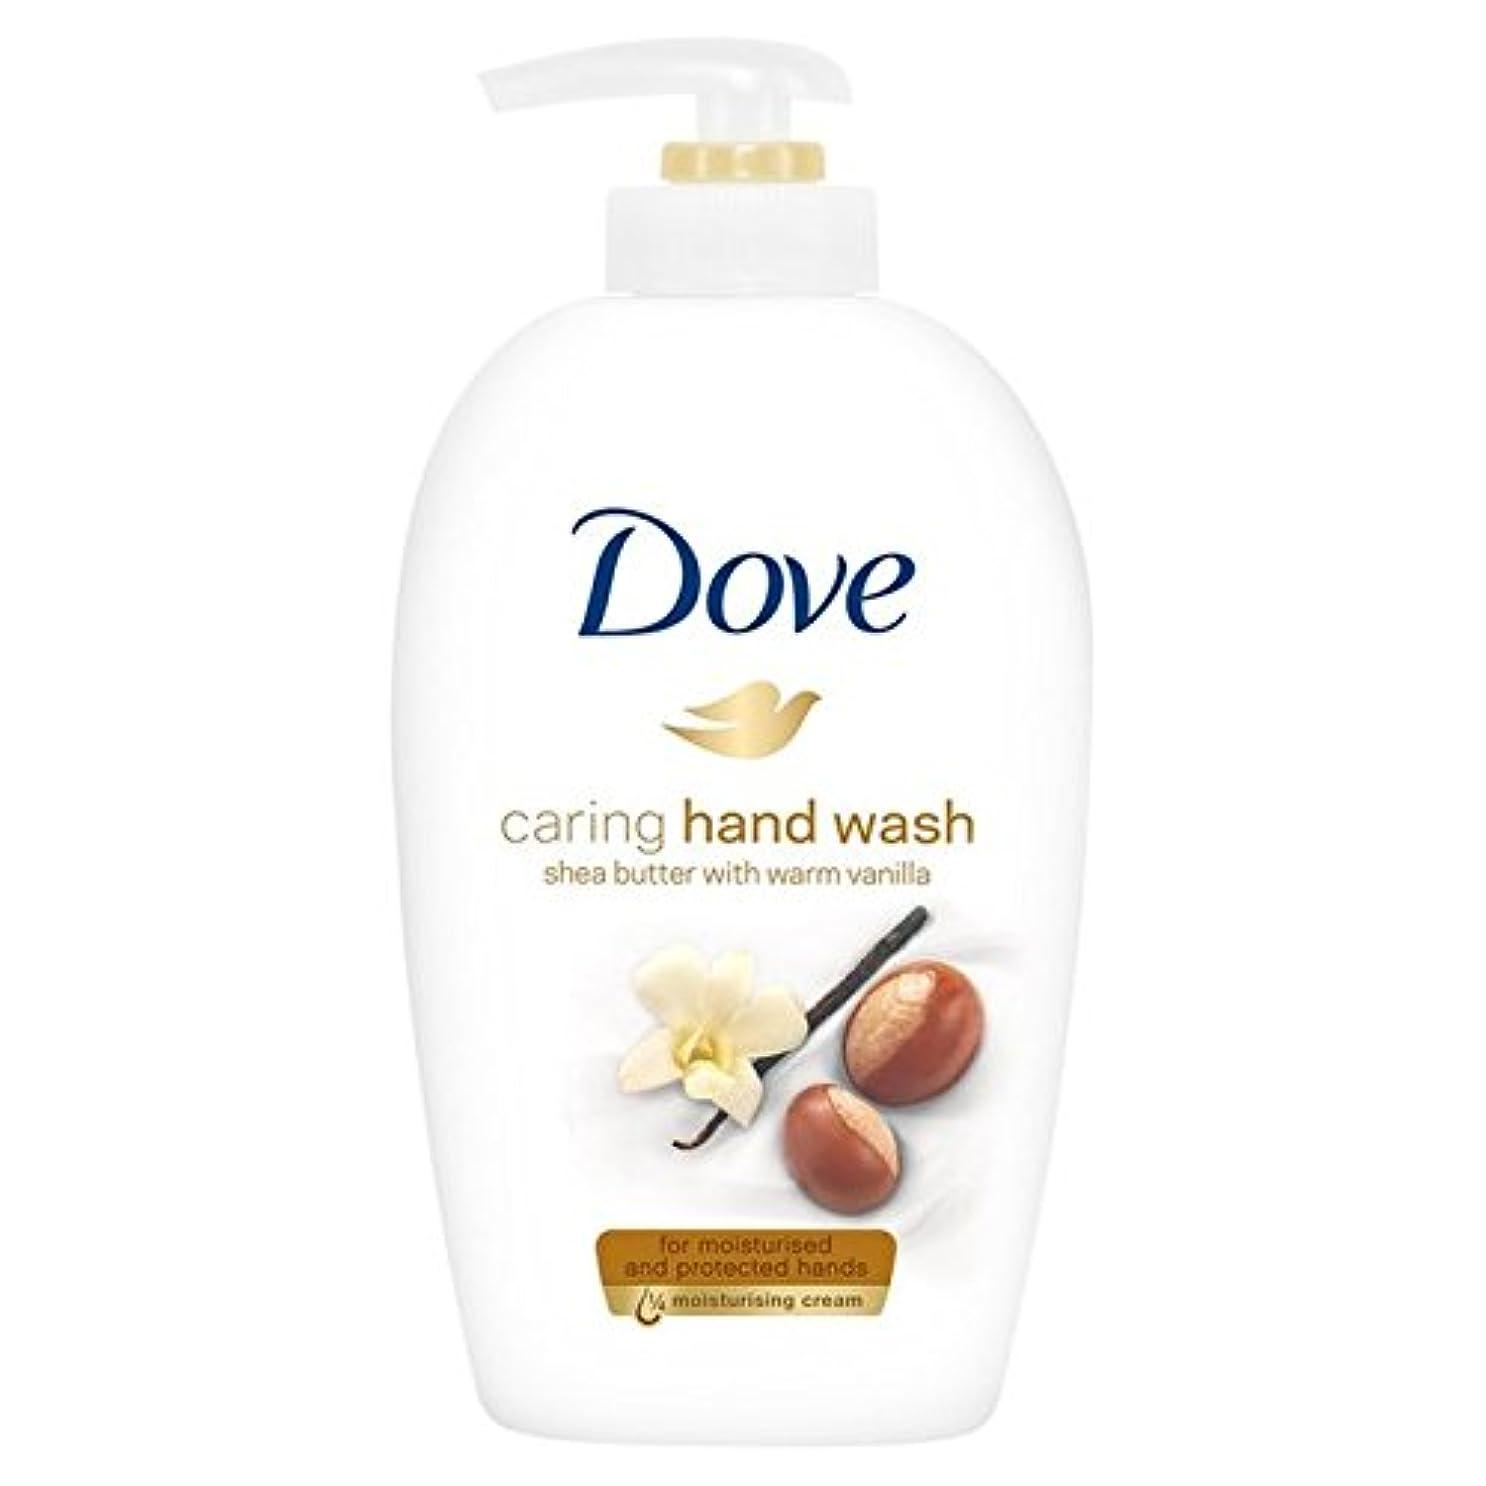 頼る何故なの振り子鳩純粋な贅沢シアバターの美容クリームウォッシュ250ミリリットル x4 - Dove Purely Pampering Shea Butter Beauty Cream Wash 250ml (Pack of 4) [並行輸入品]